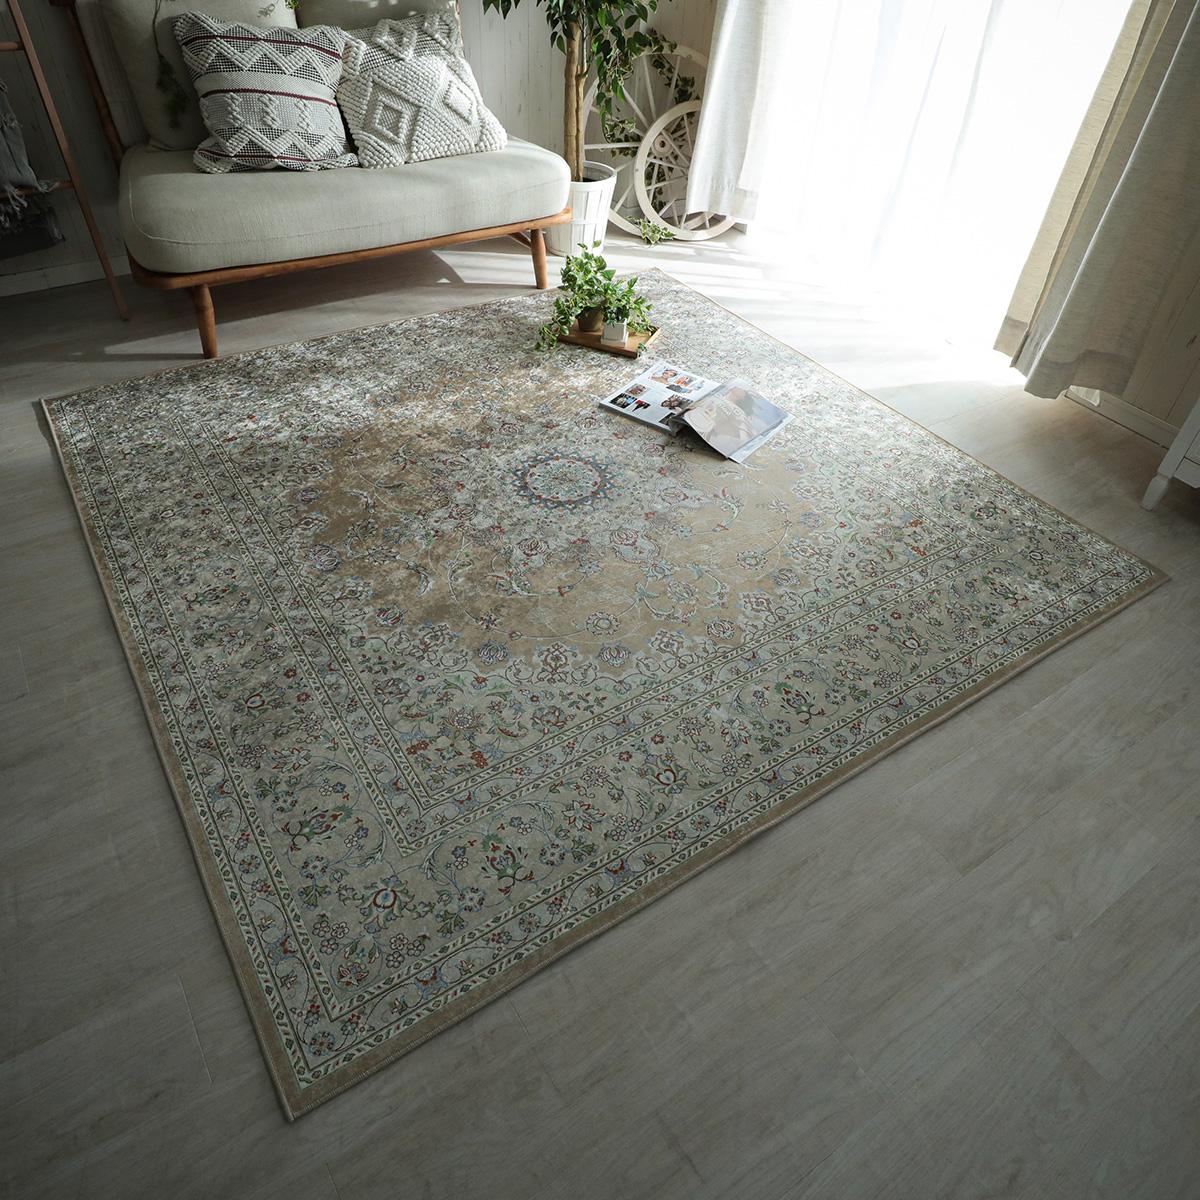 洗濯機で洗えるペルシャ絨毯風ラグ ベージュ 約130x190cm